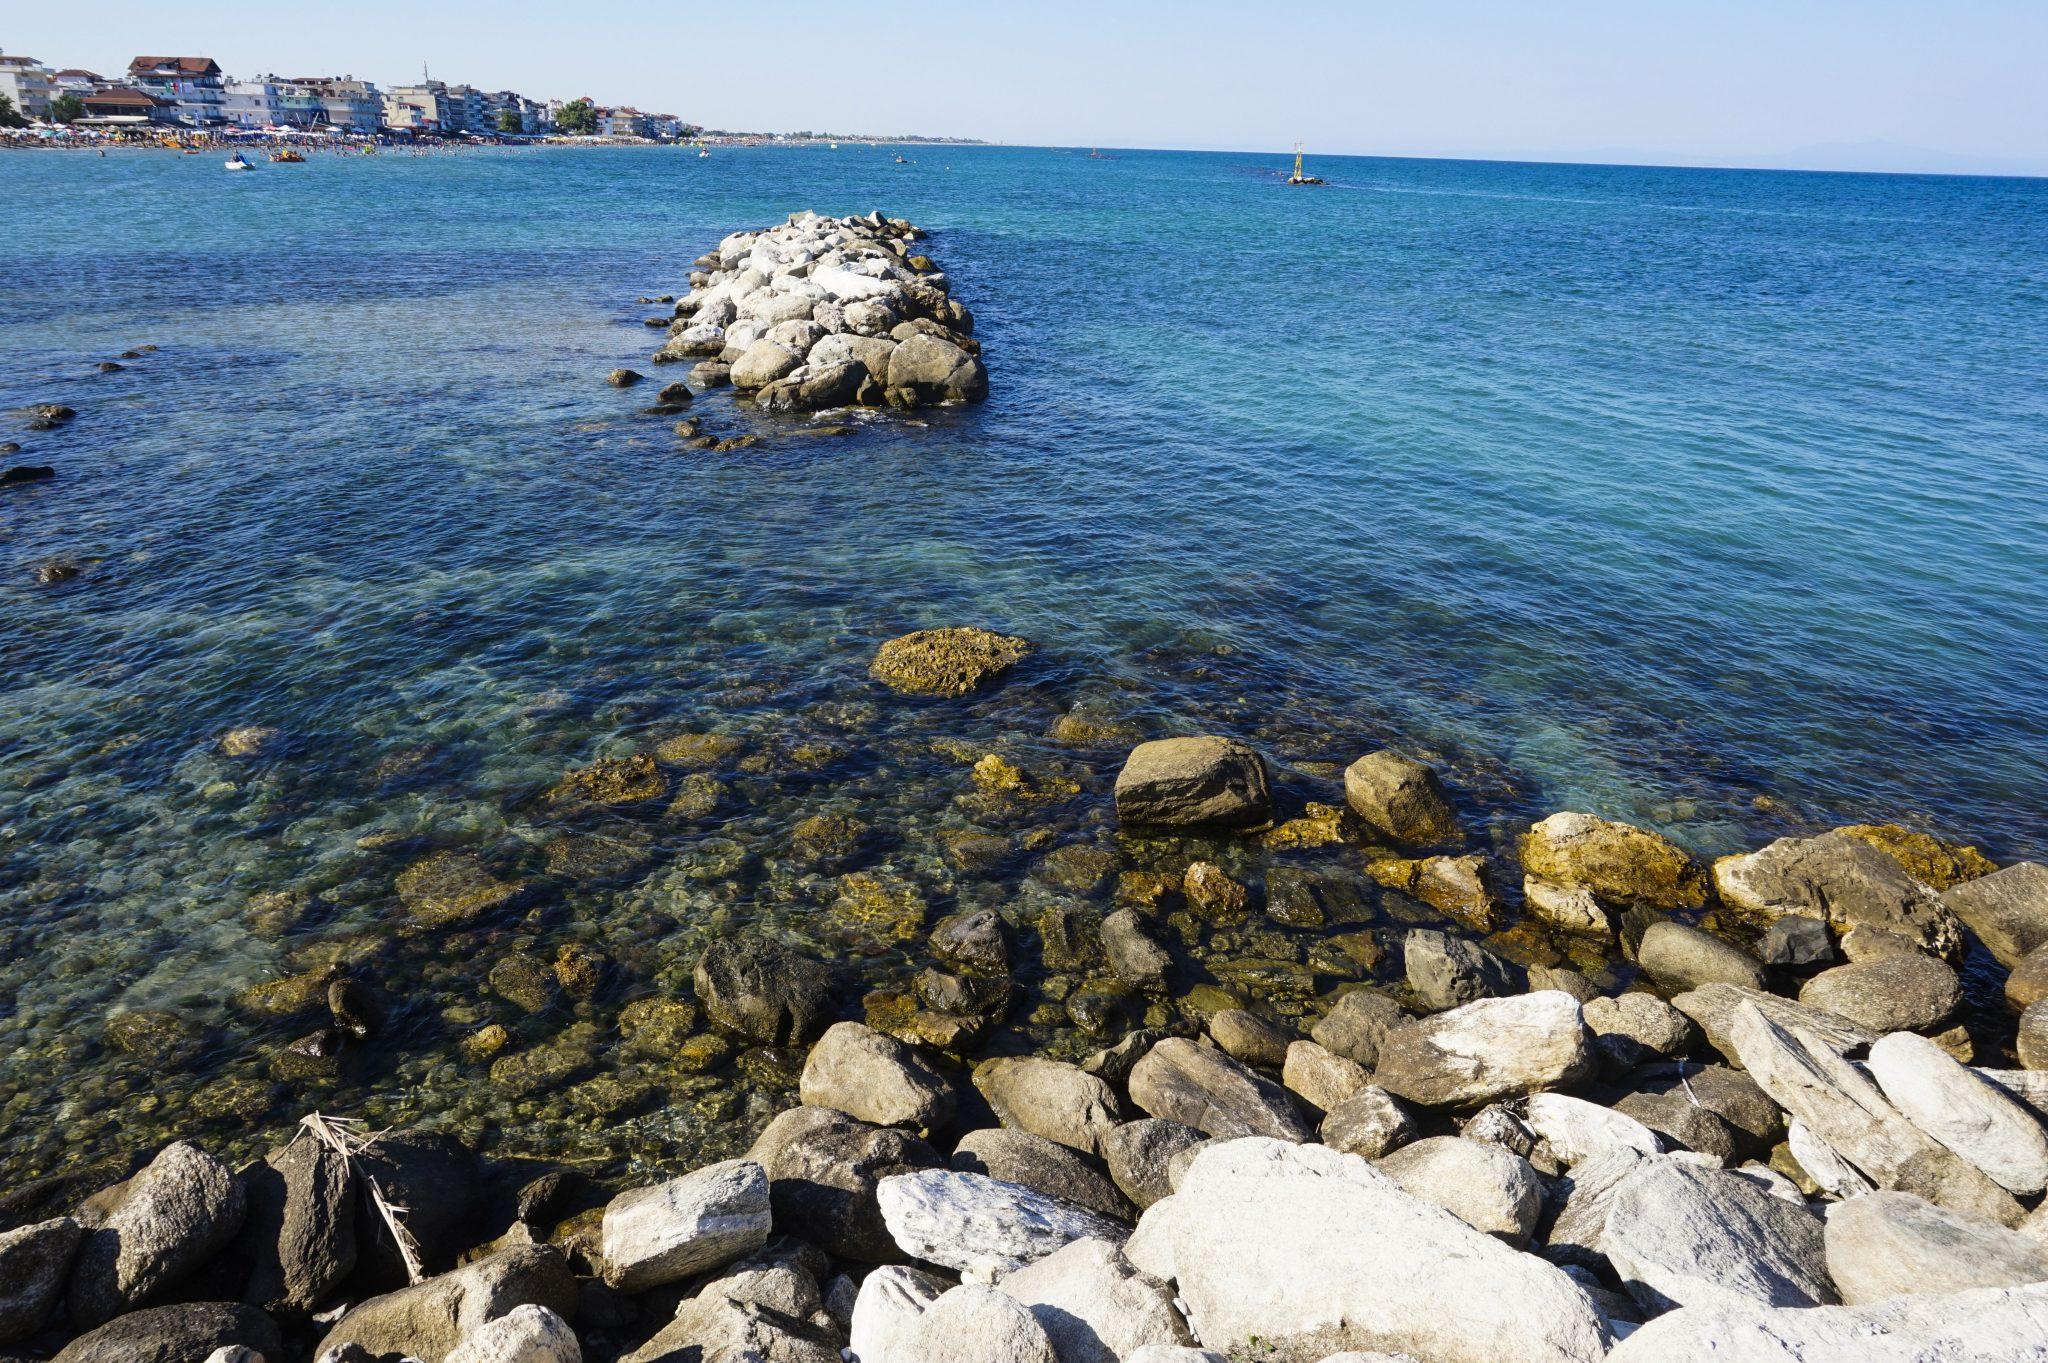 ocean in paralia katerini, greece.